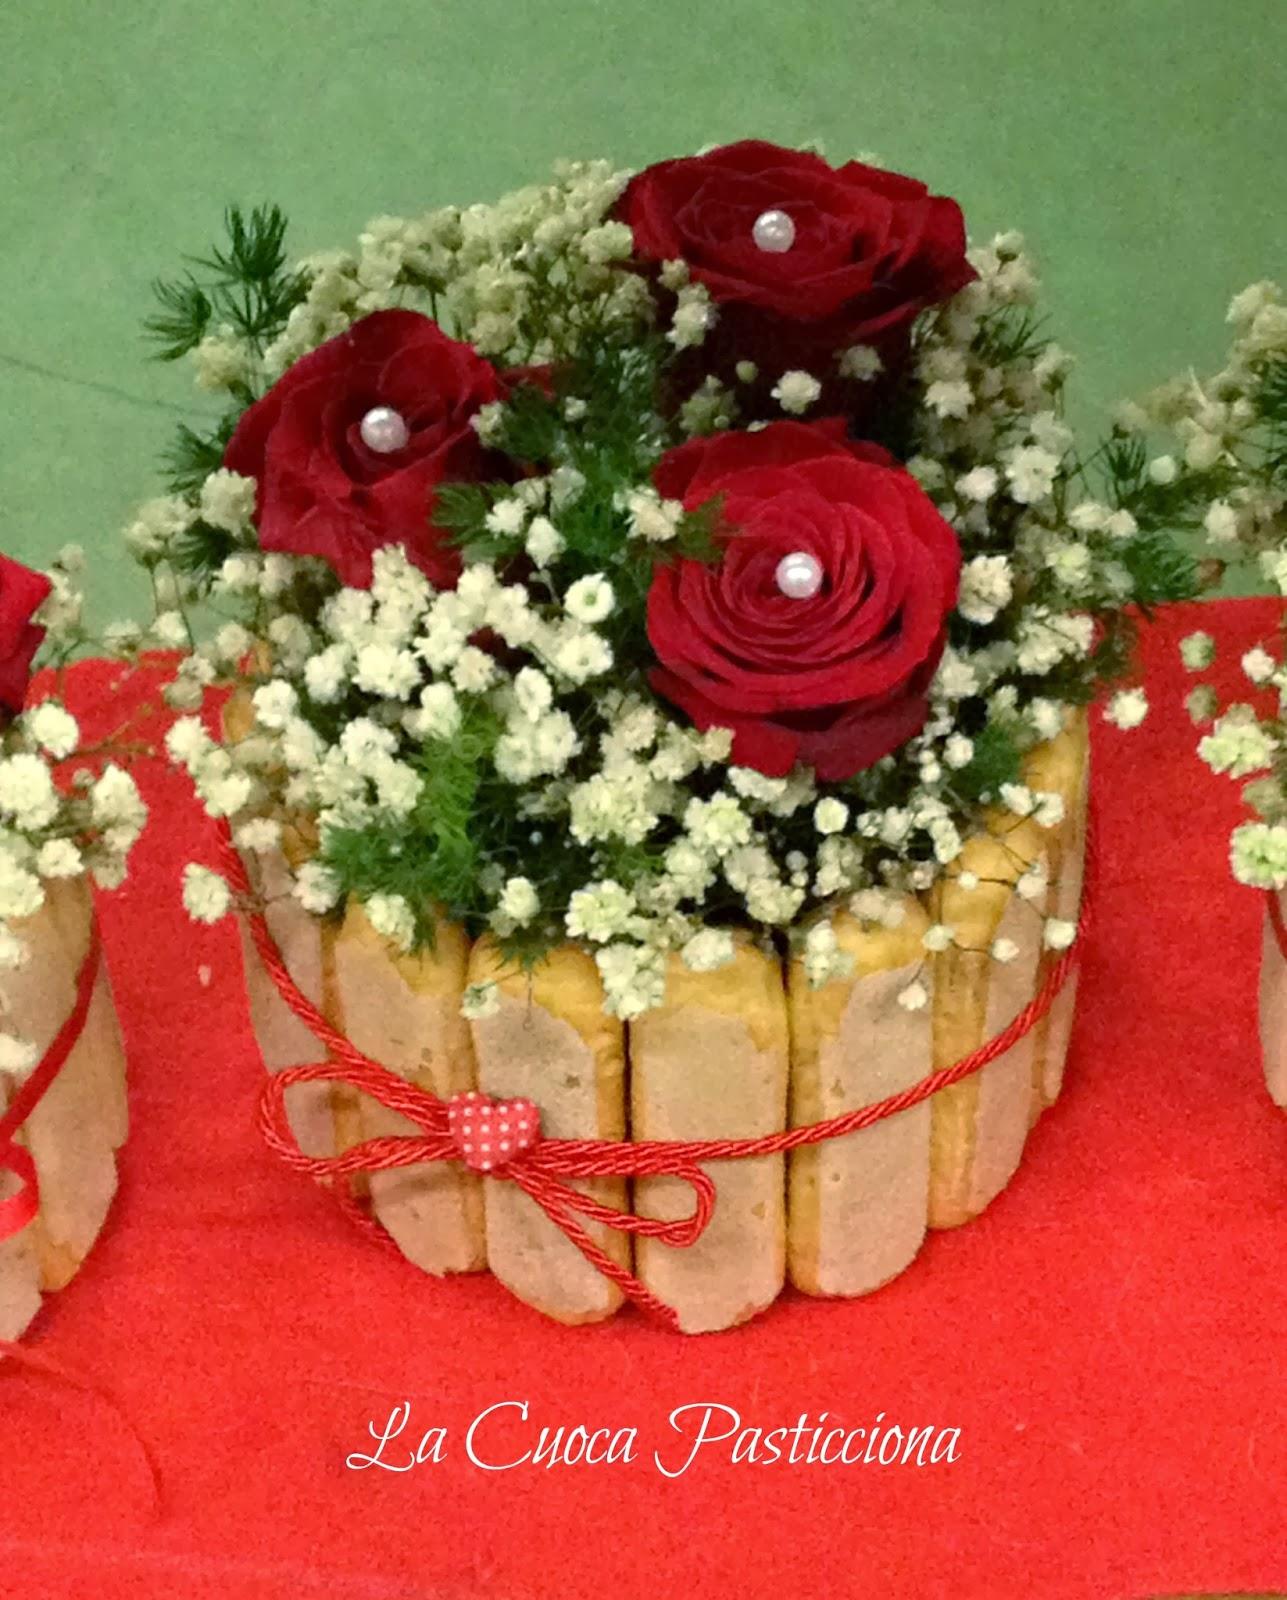 buon san valentino ed un augurio speciale a noi..